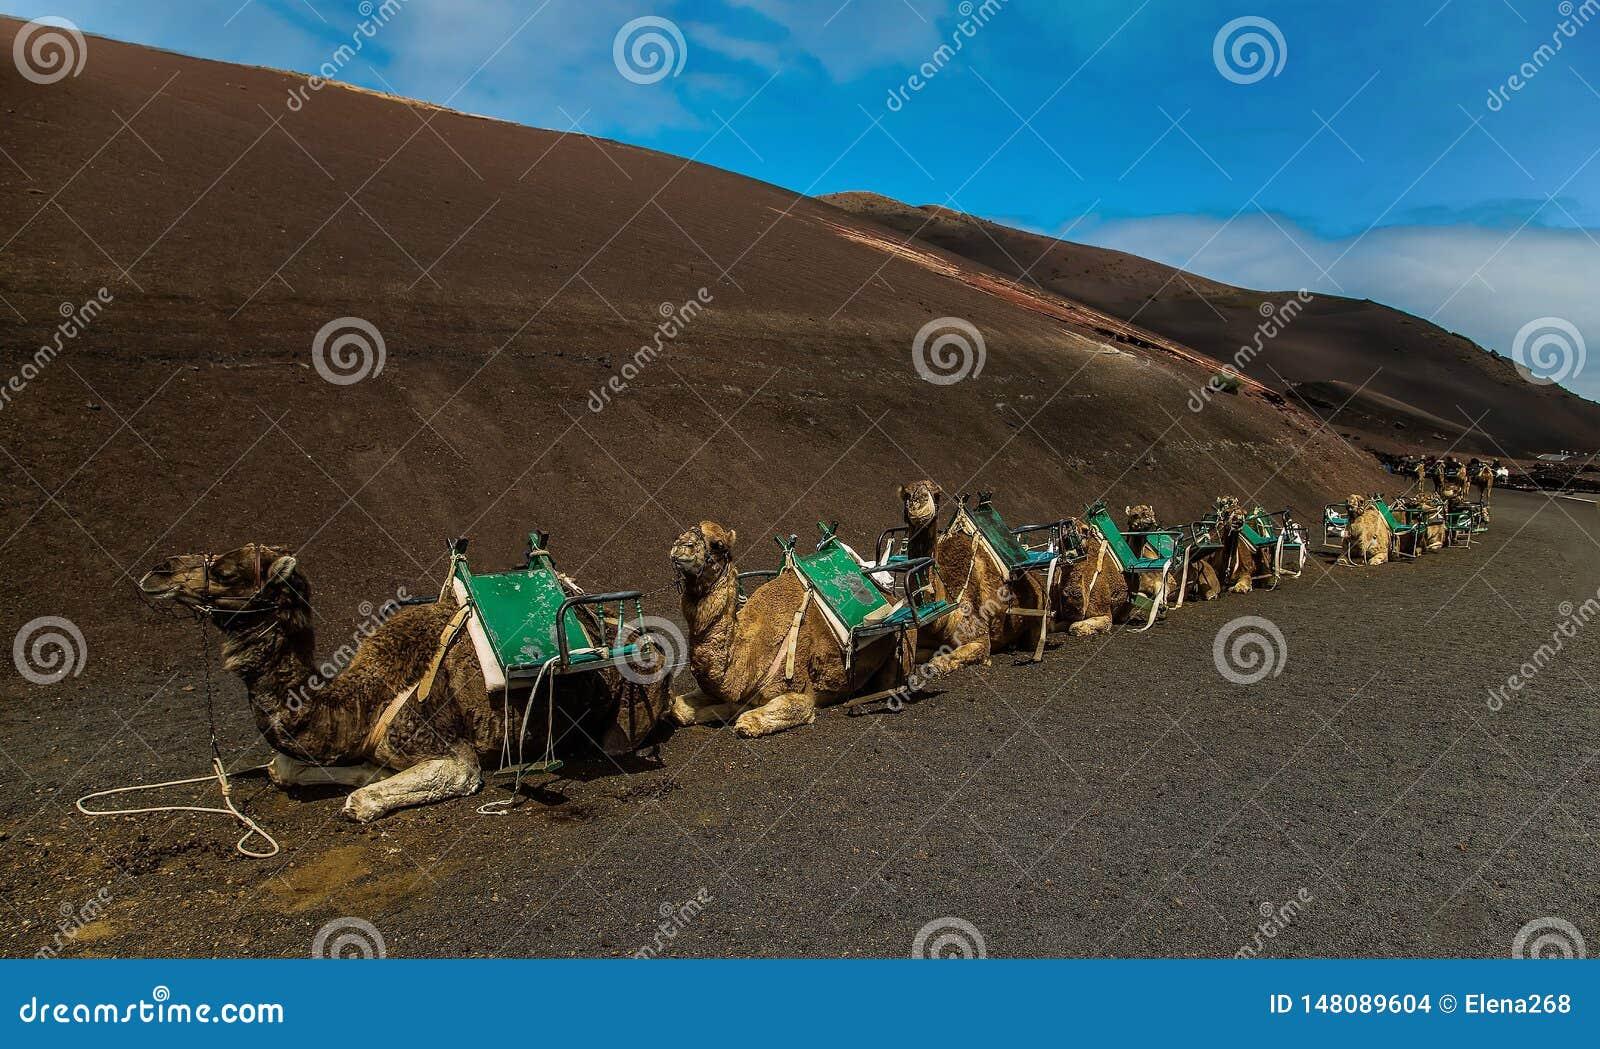 在棕色沙子的Smal有蓬卡车